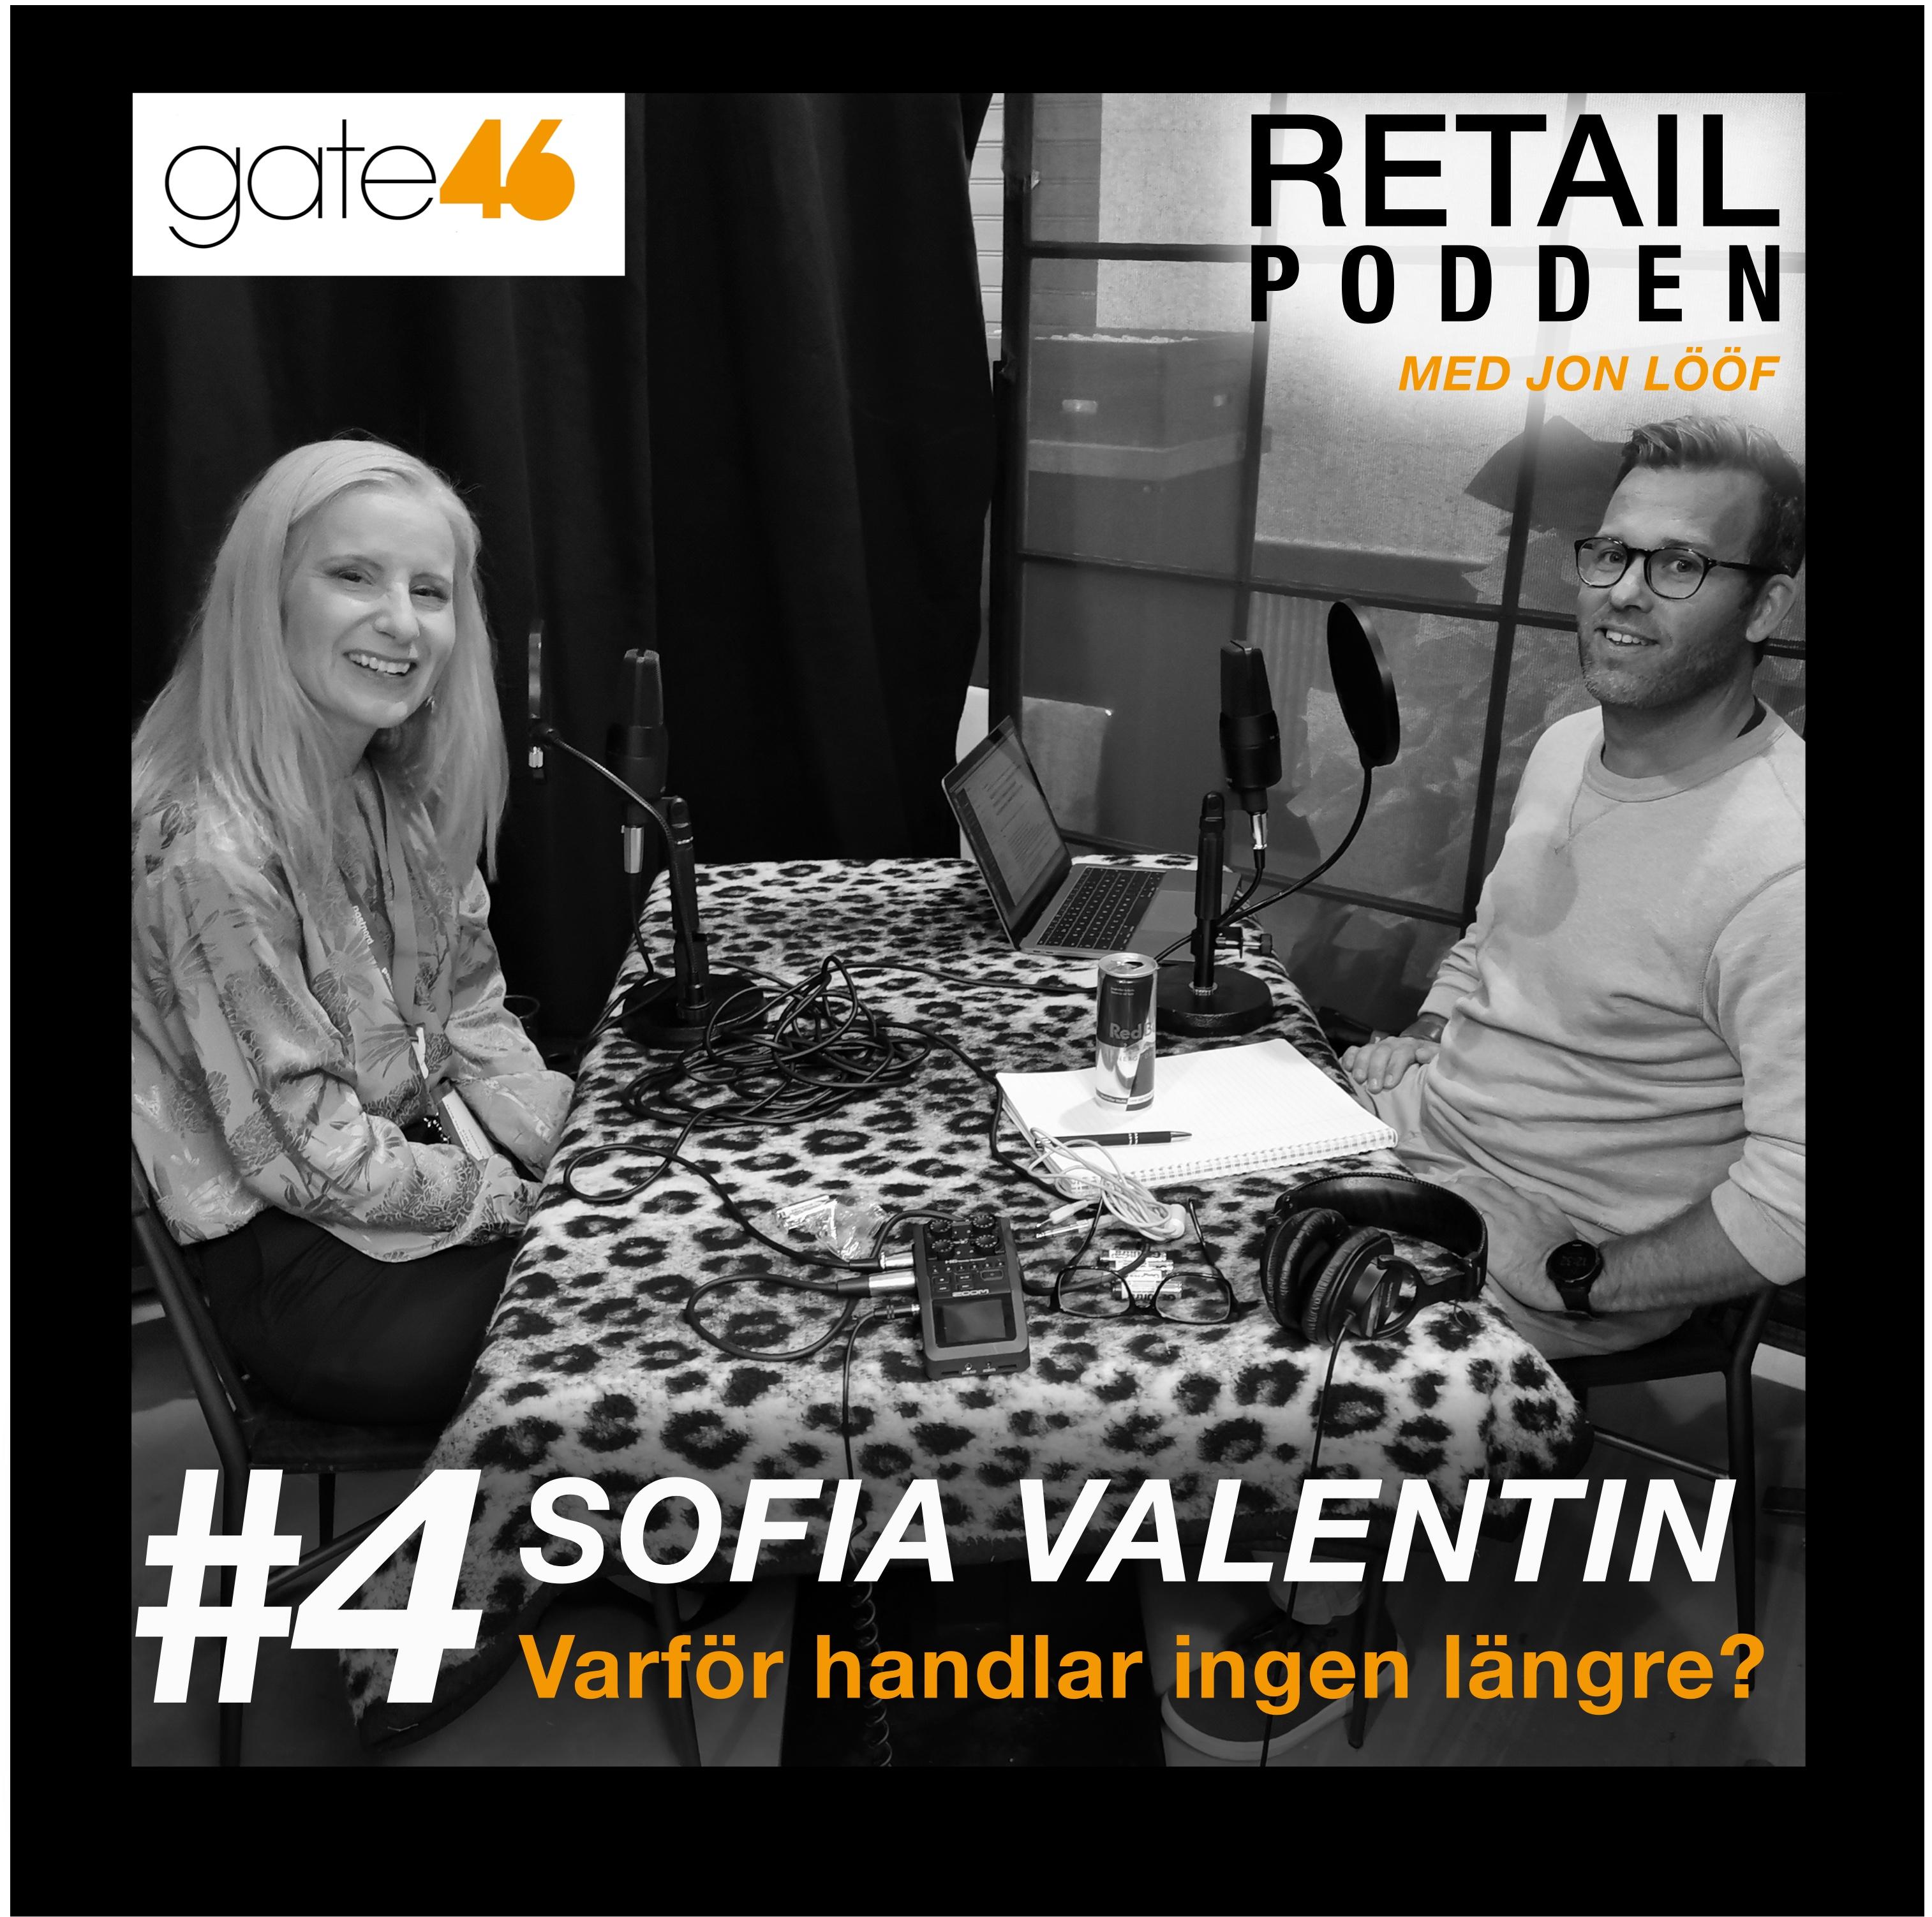 4. Sofia Valentin - Varför handlar ingen längre?